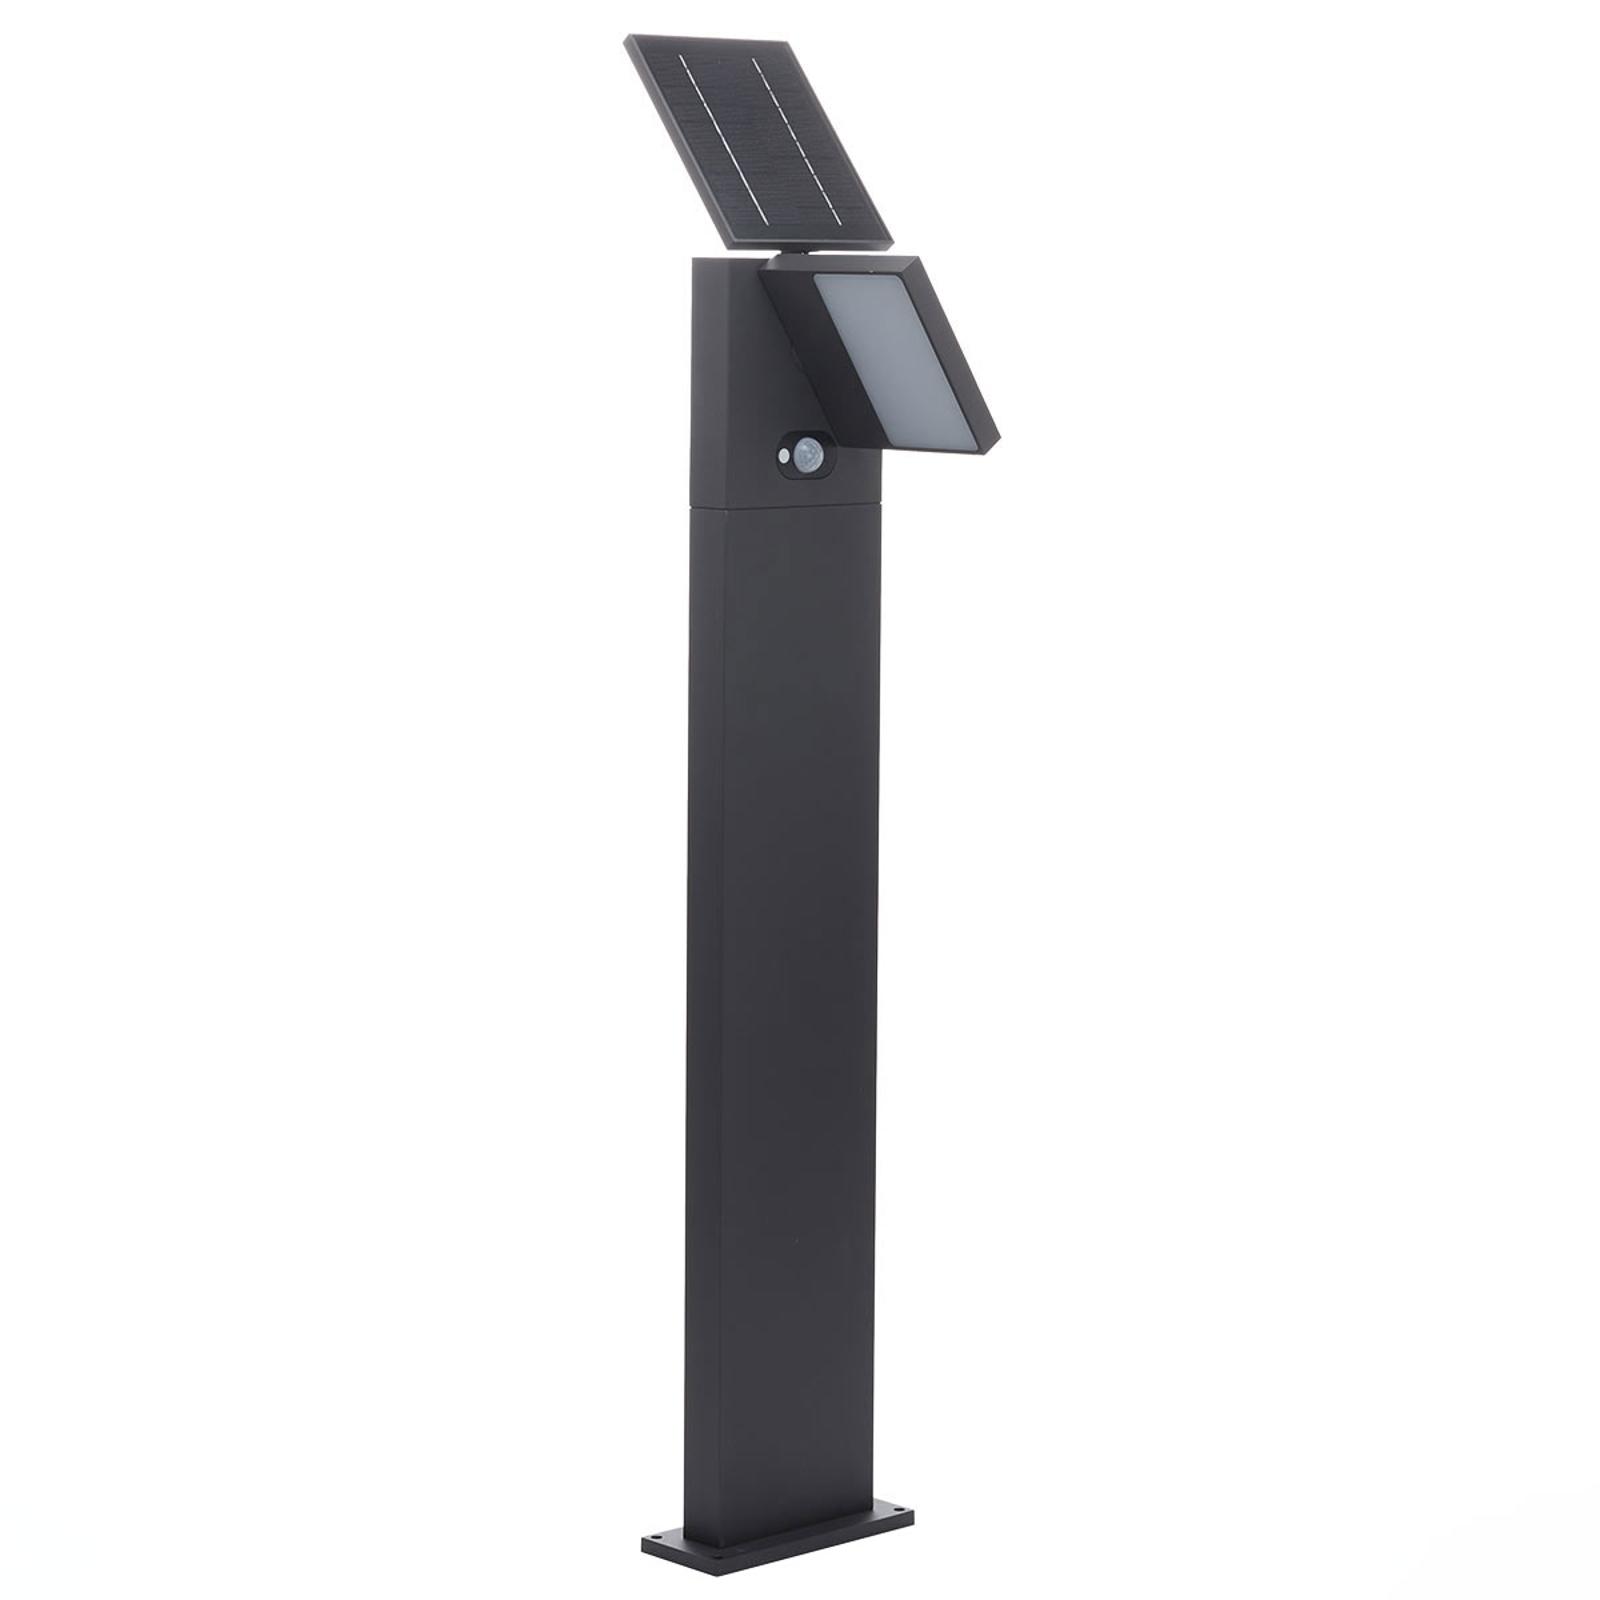 Aurinkokäyttöinen LED-pylväsvalaisin Silvan, 100